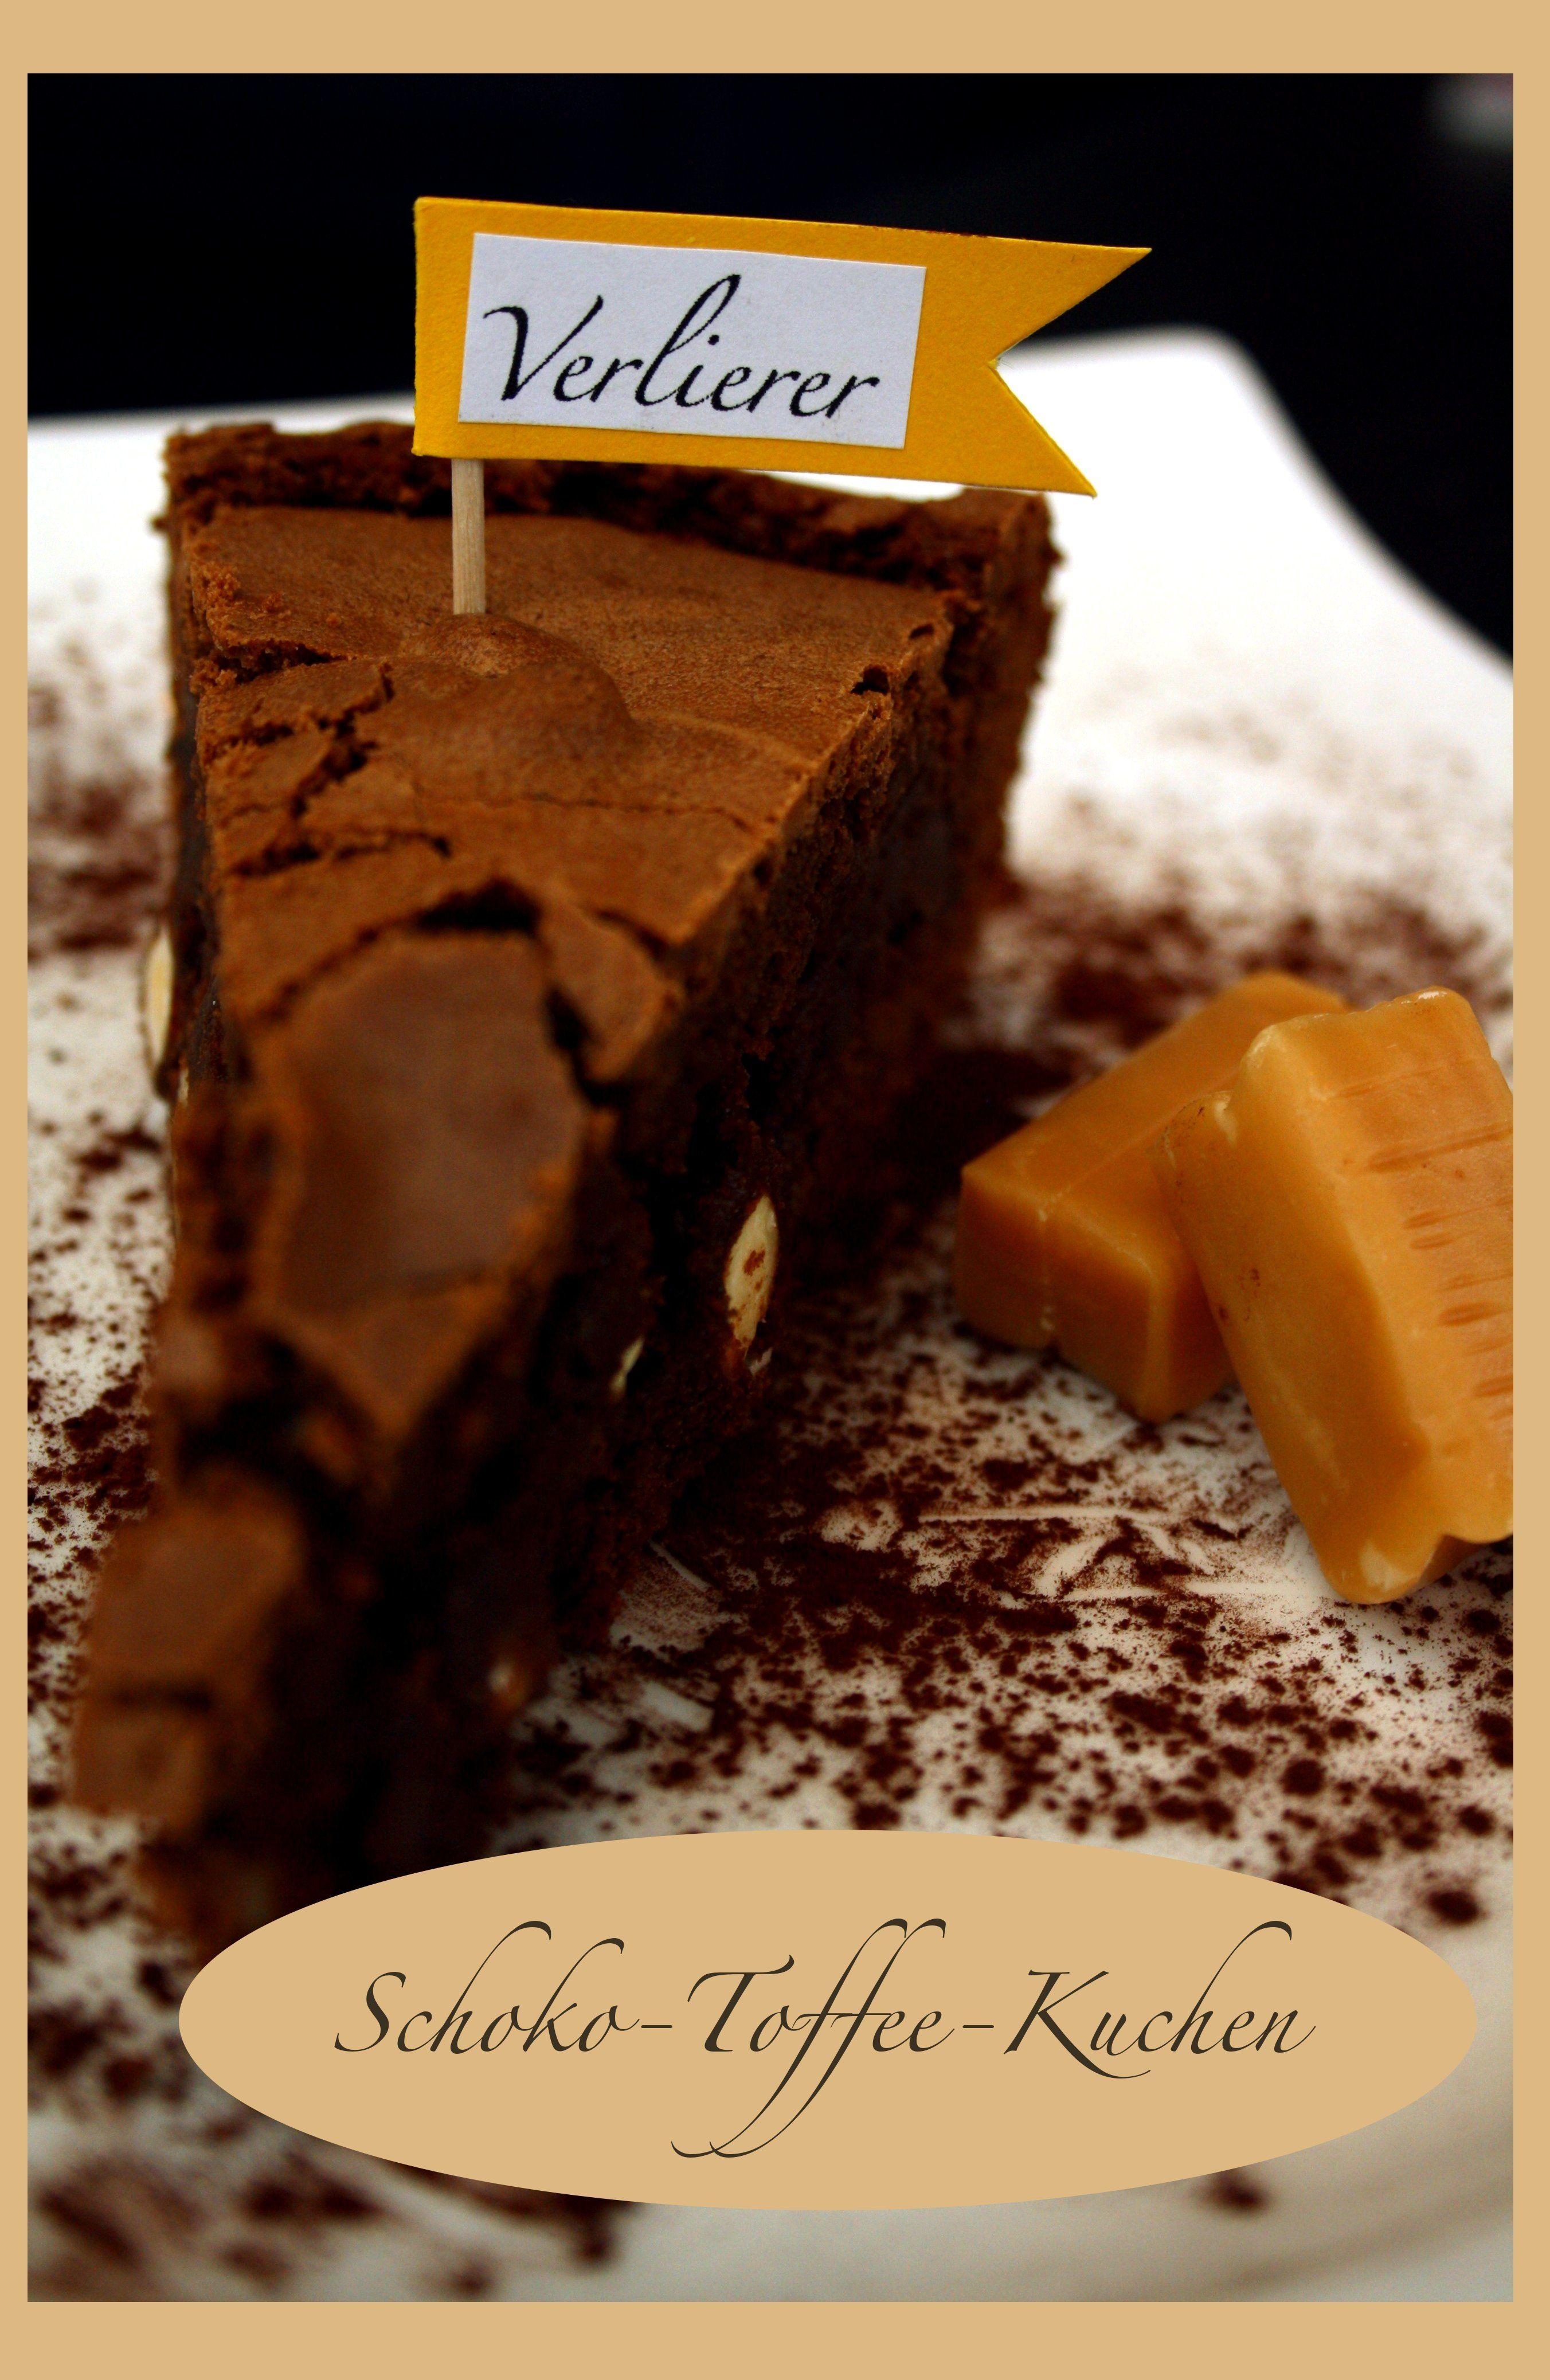 Schoko-Toffee-Kuchen